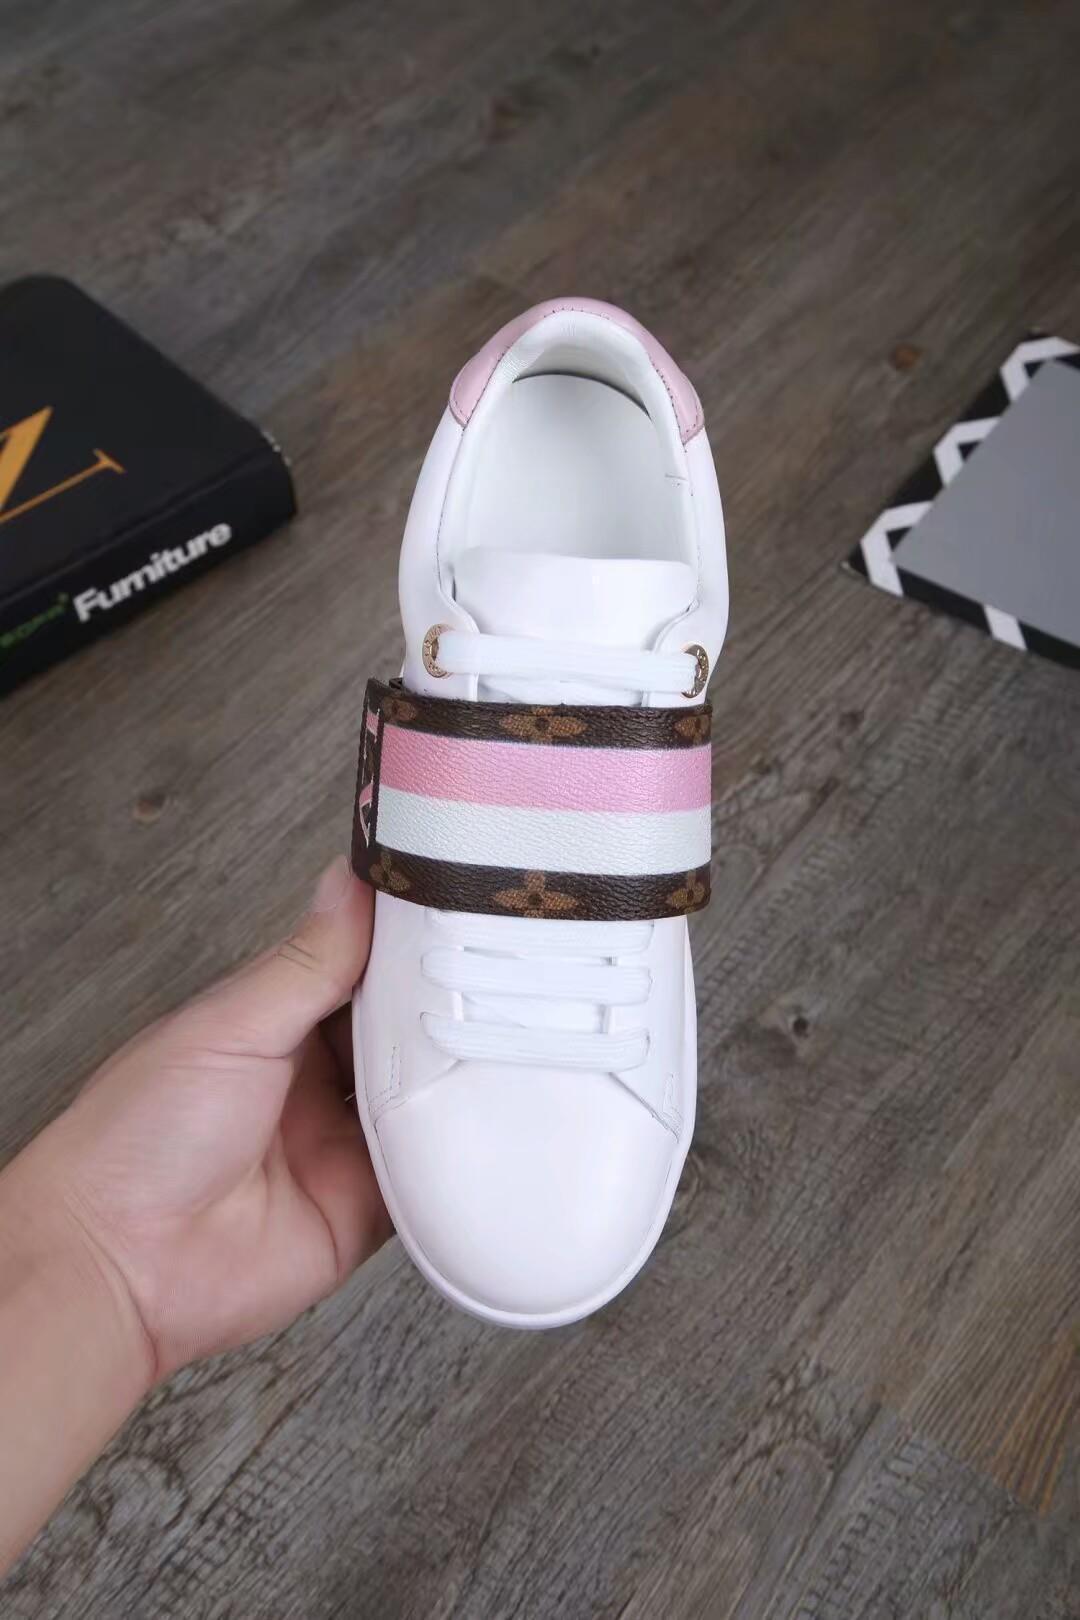 dames de personnalité haut de luxe new2 chaussures casual chaussures de sport à fond plat-sauvages mode exterieurs chaussures de voyage respirant confortable